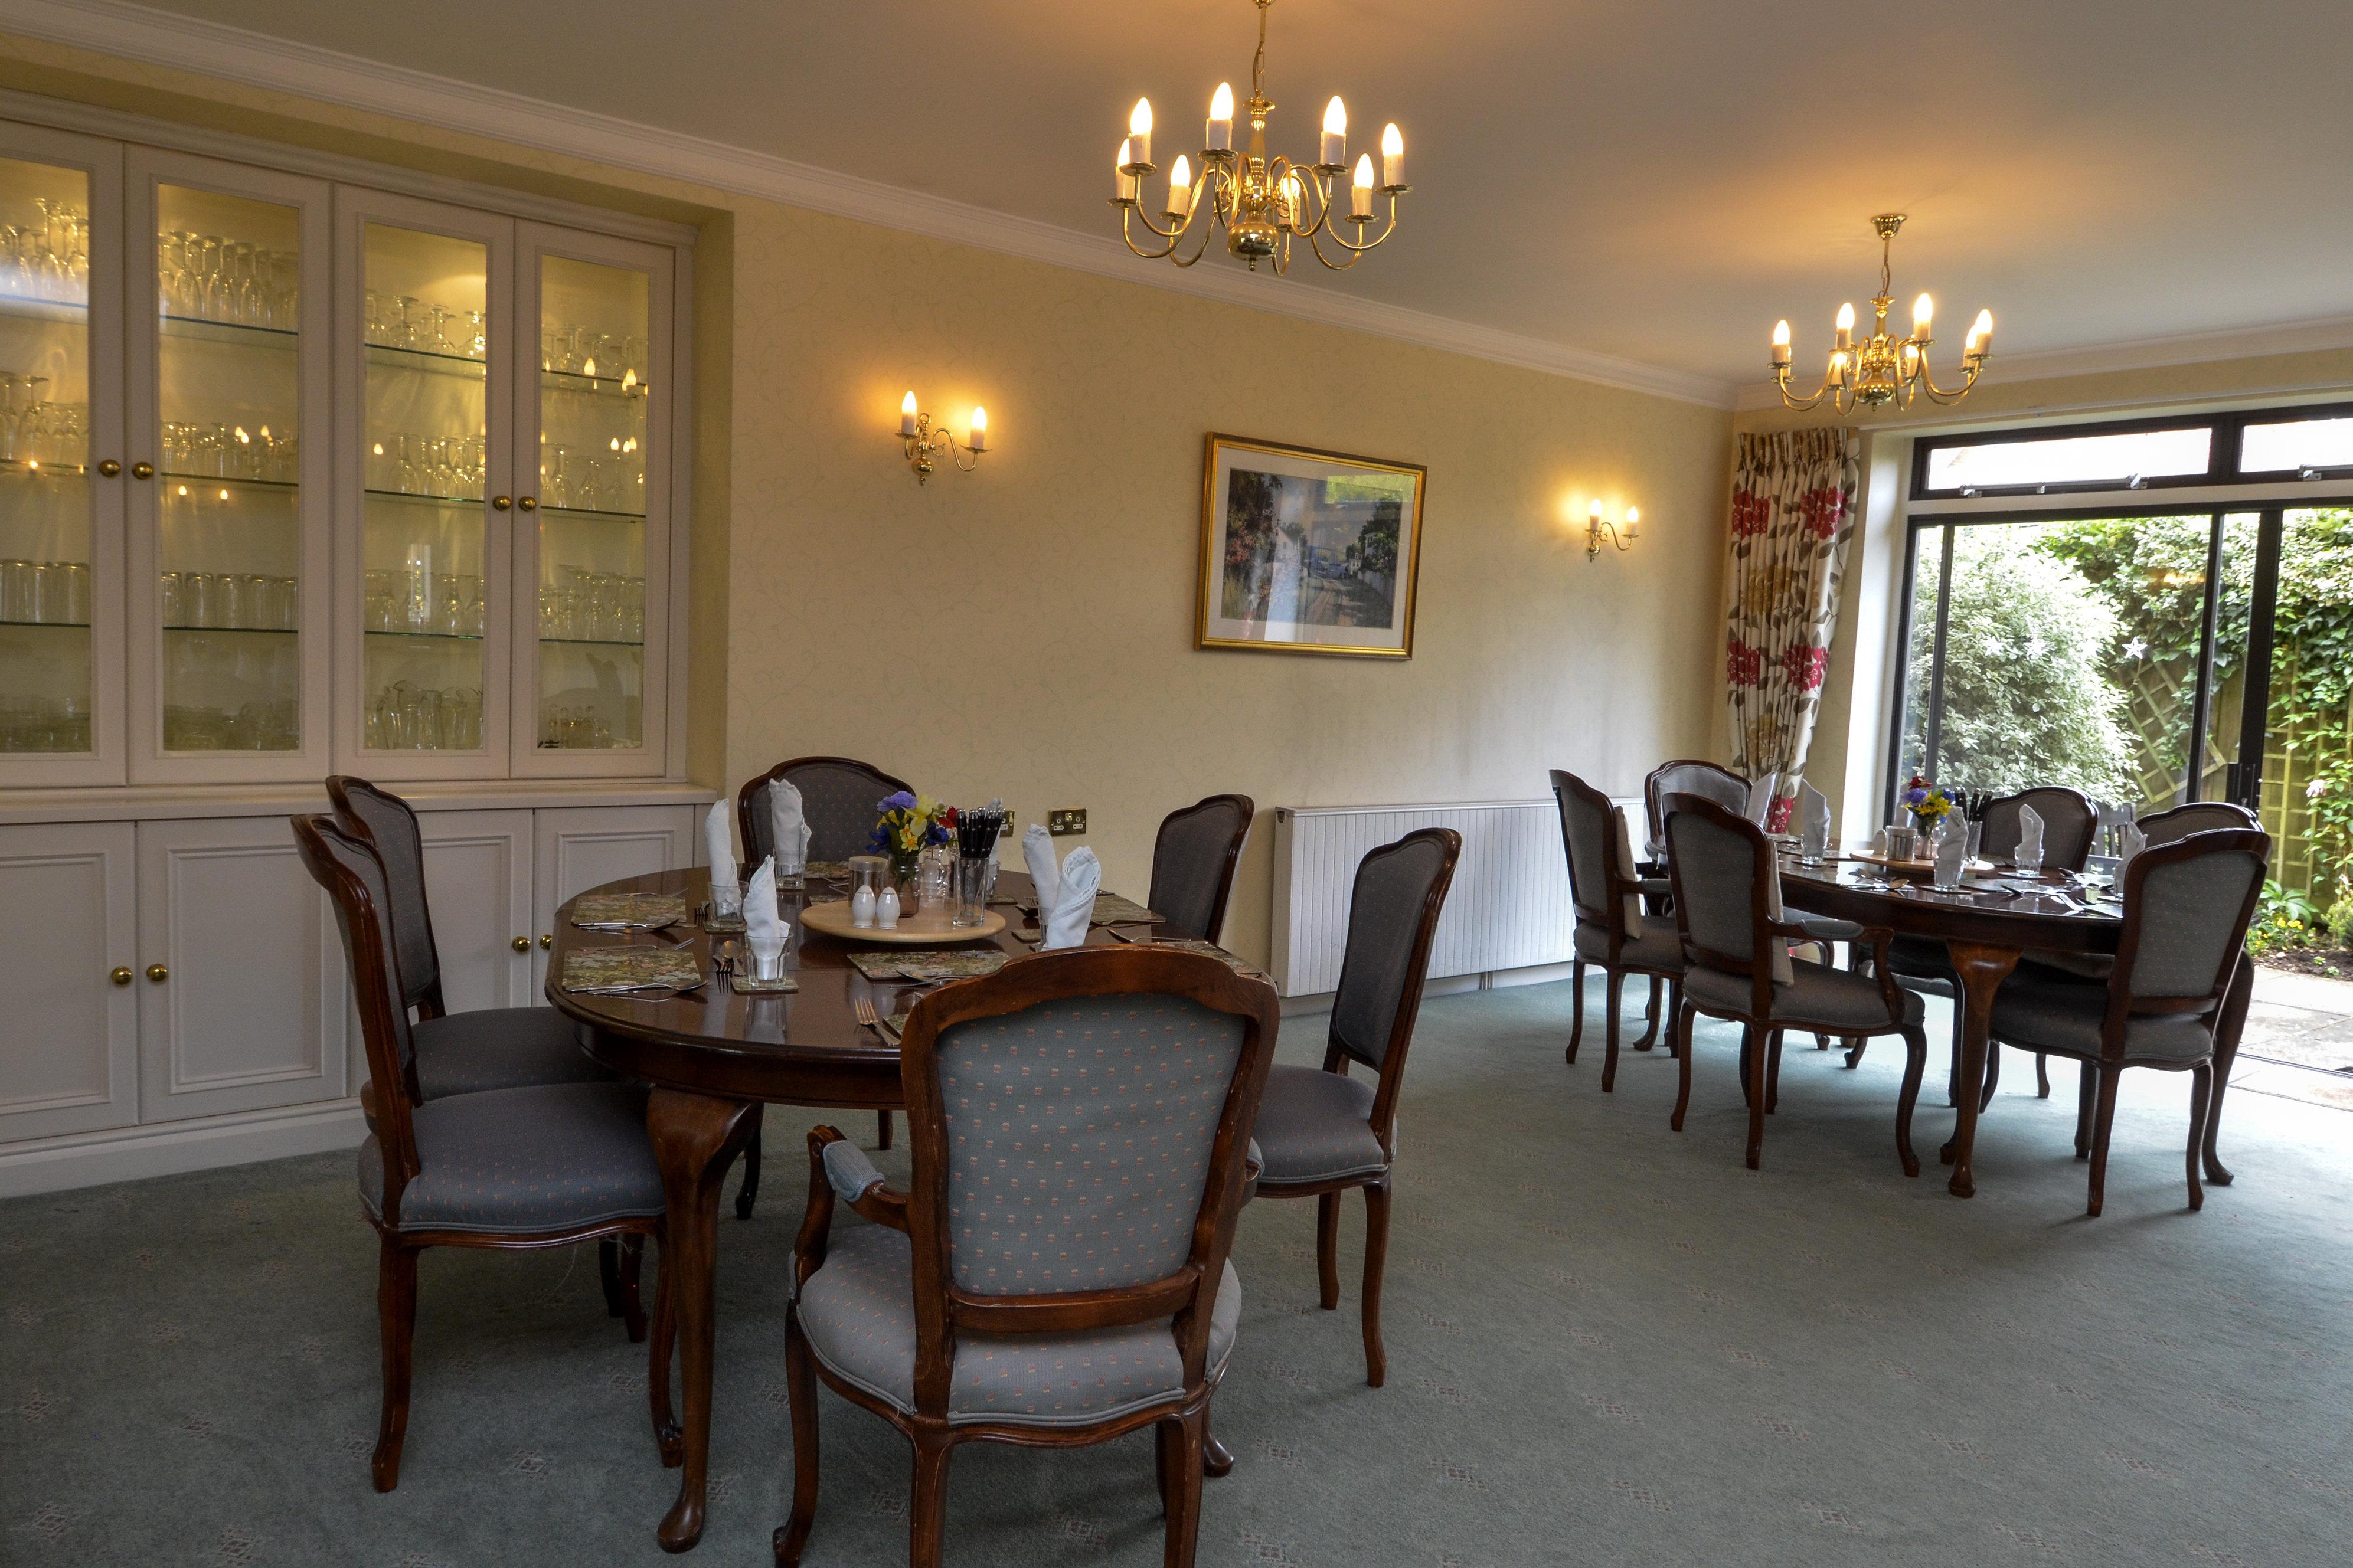 6 - dining room